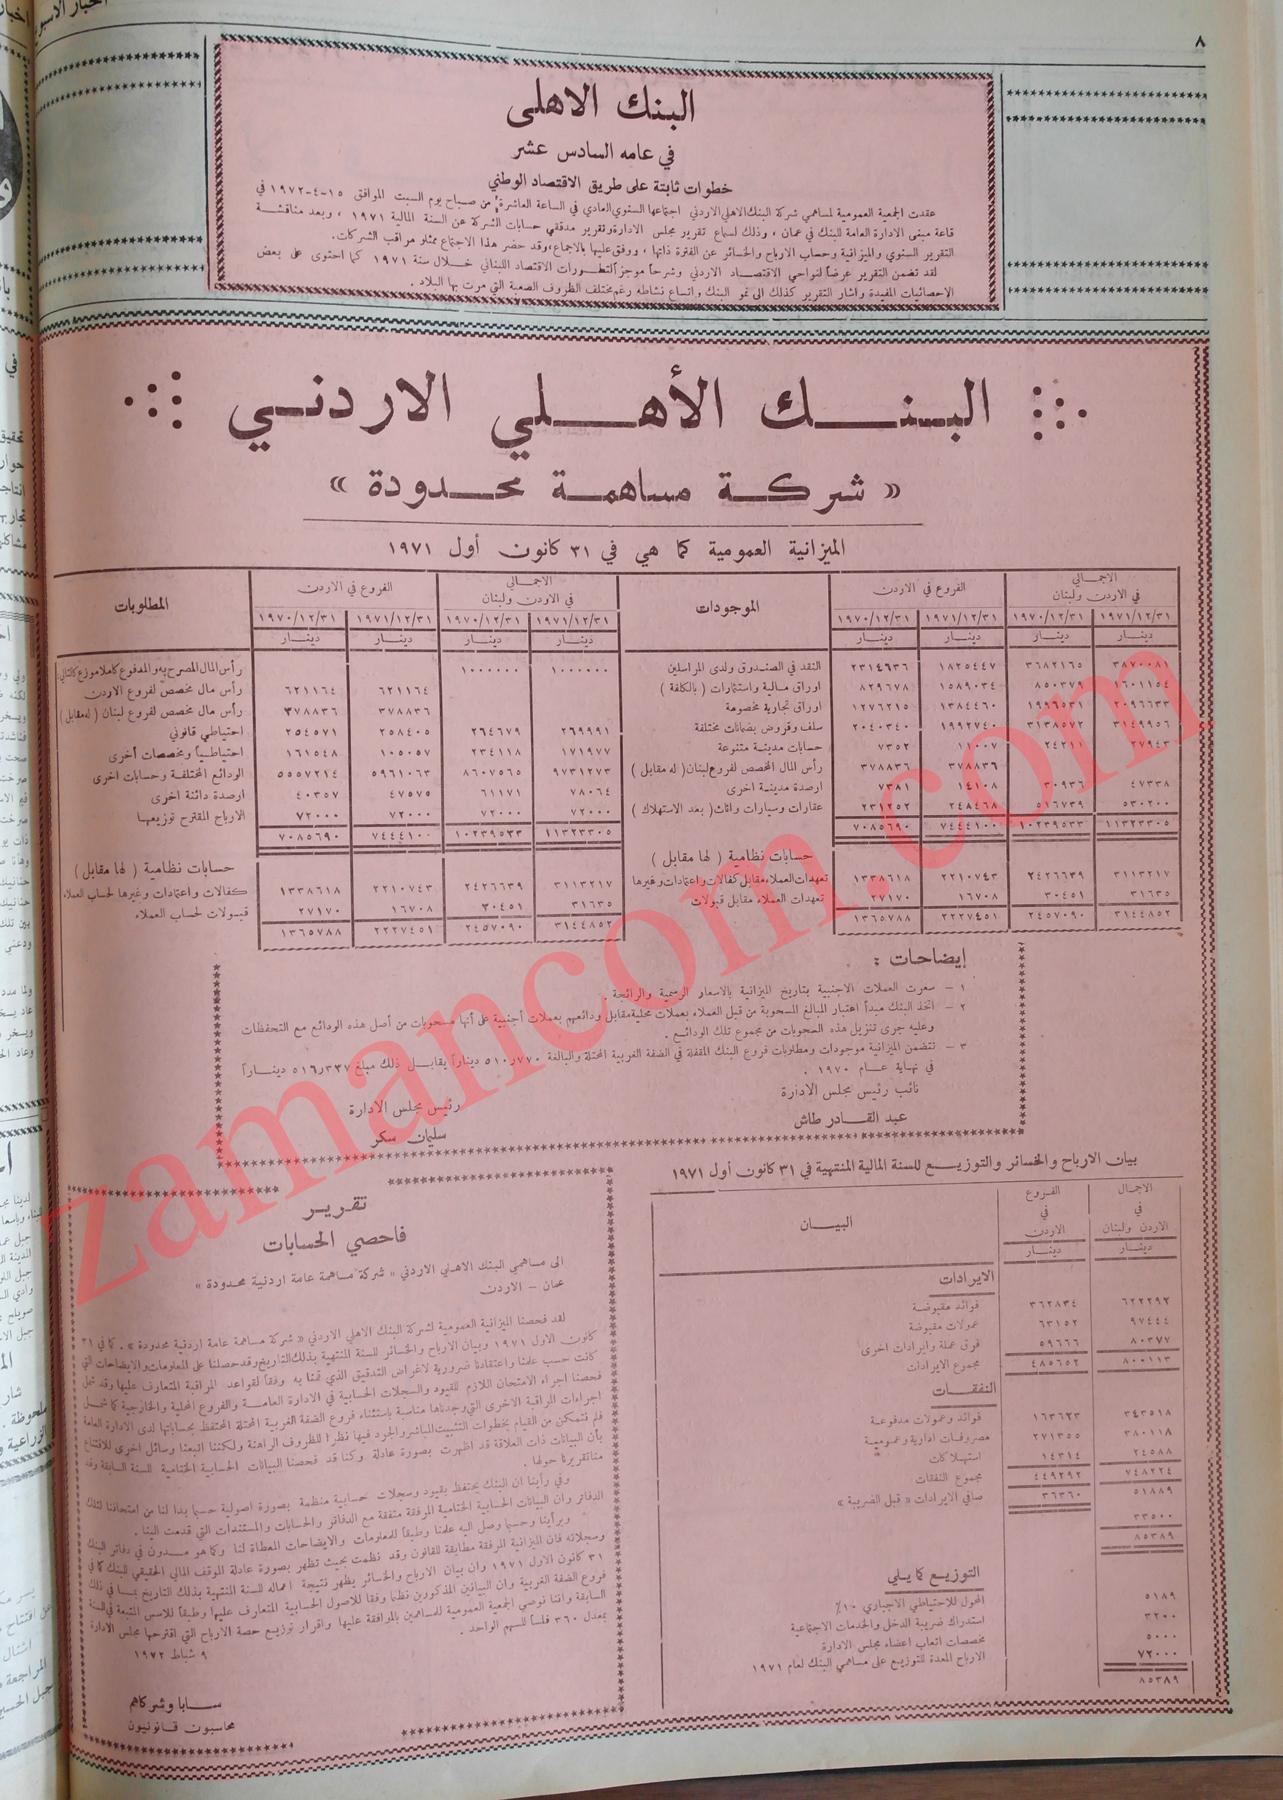 الميزانية العمومية للبنك الأهلي الأردني للعام 1971